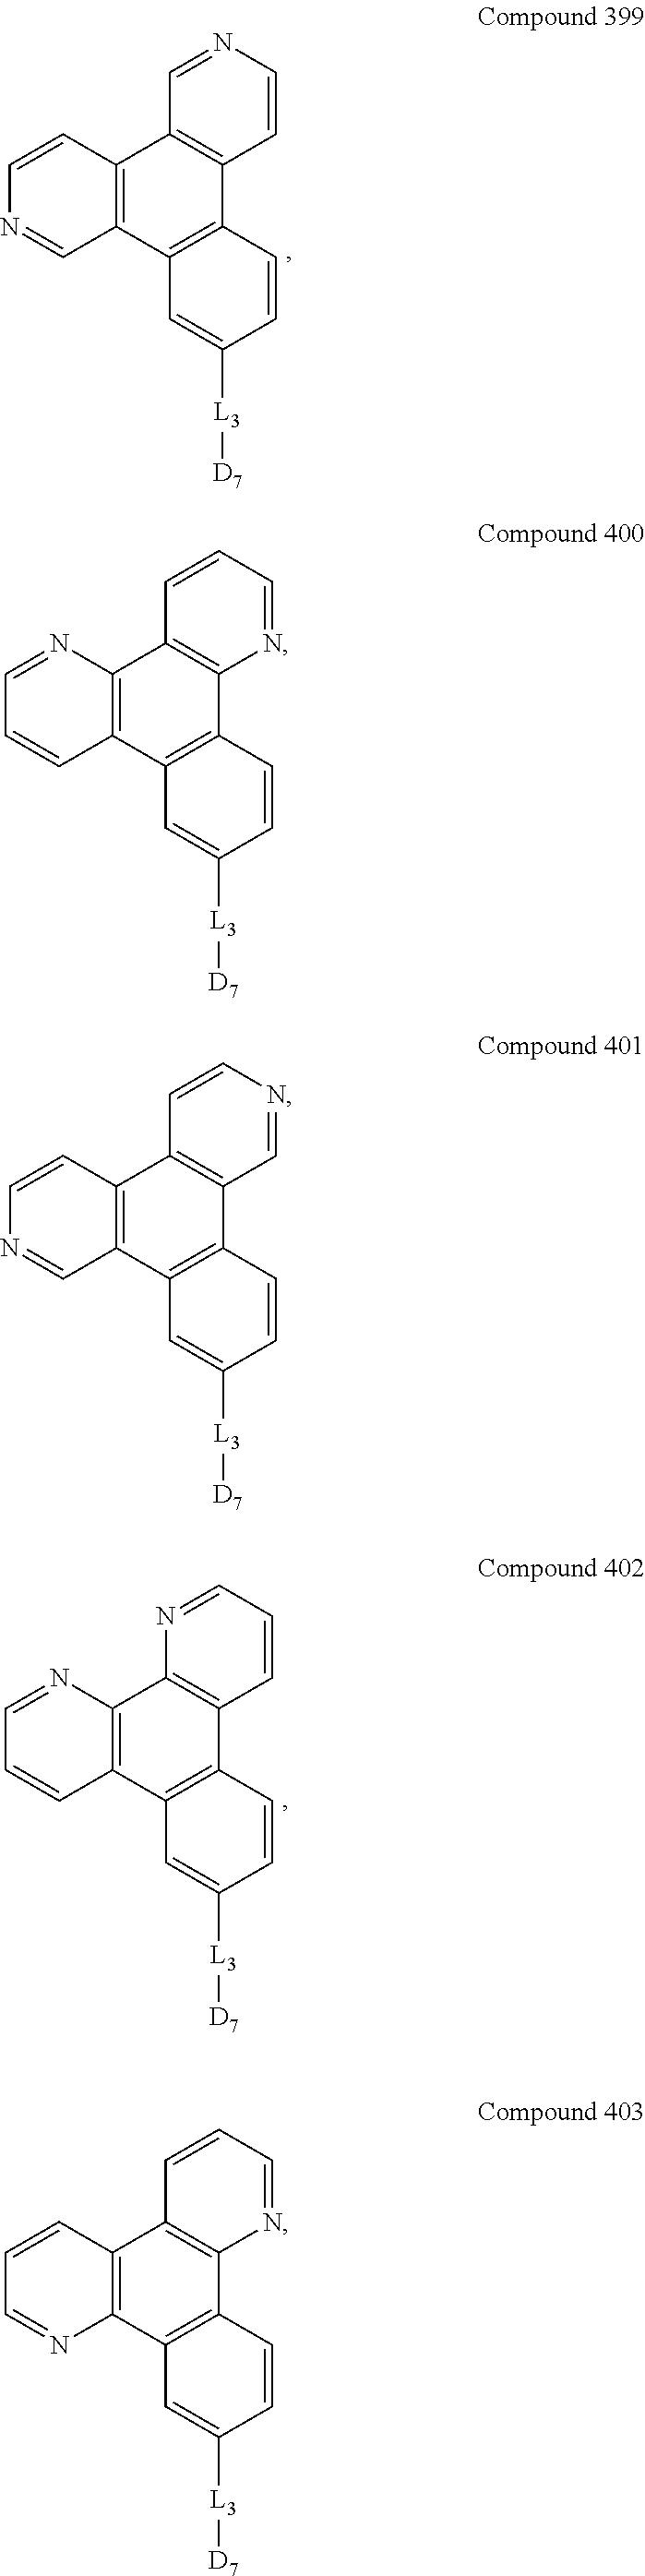 Figure US09537106-20170103-C00108